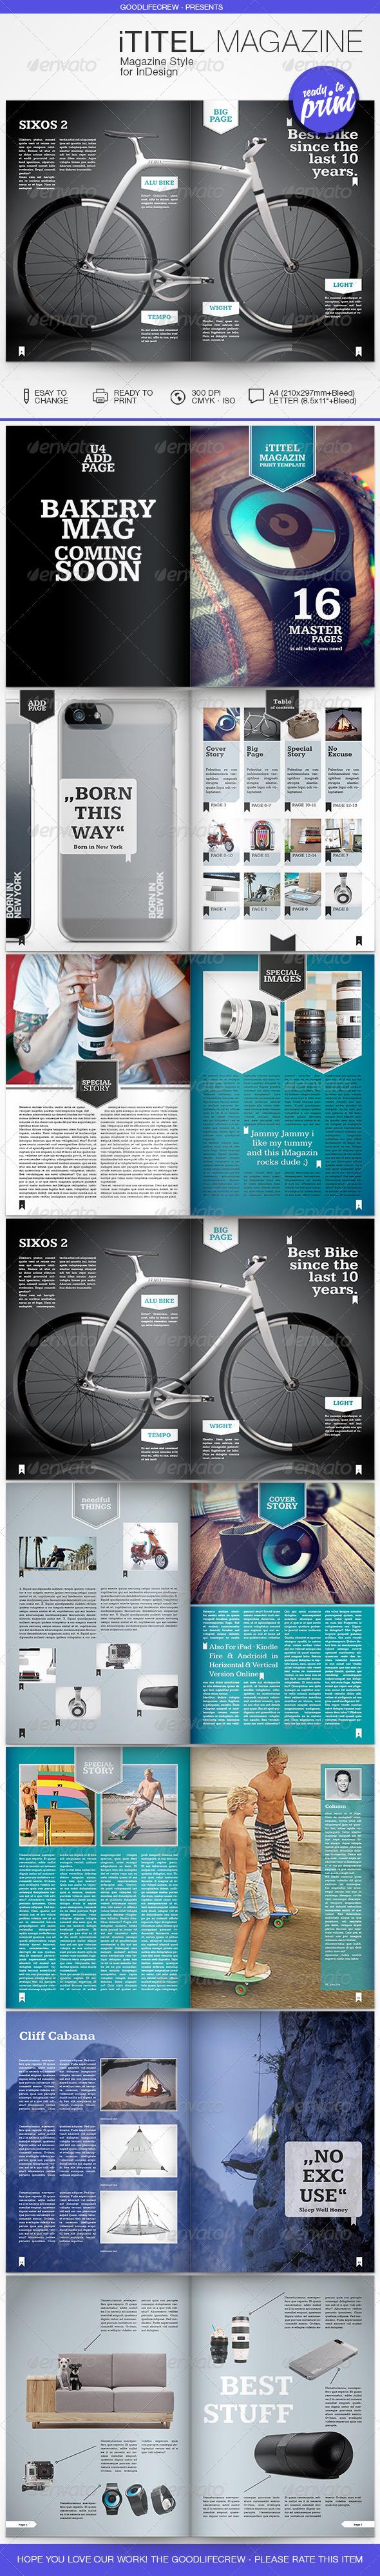 GraphicRiver Tech iTitelMagazine 8686411